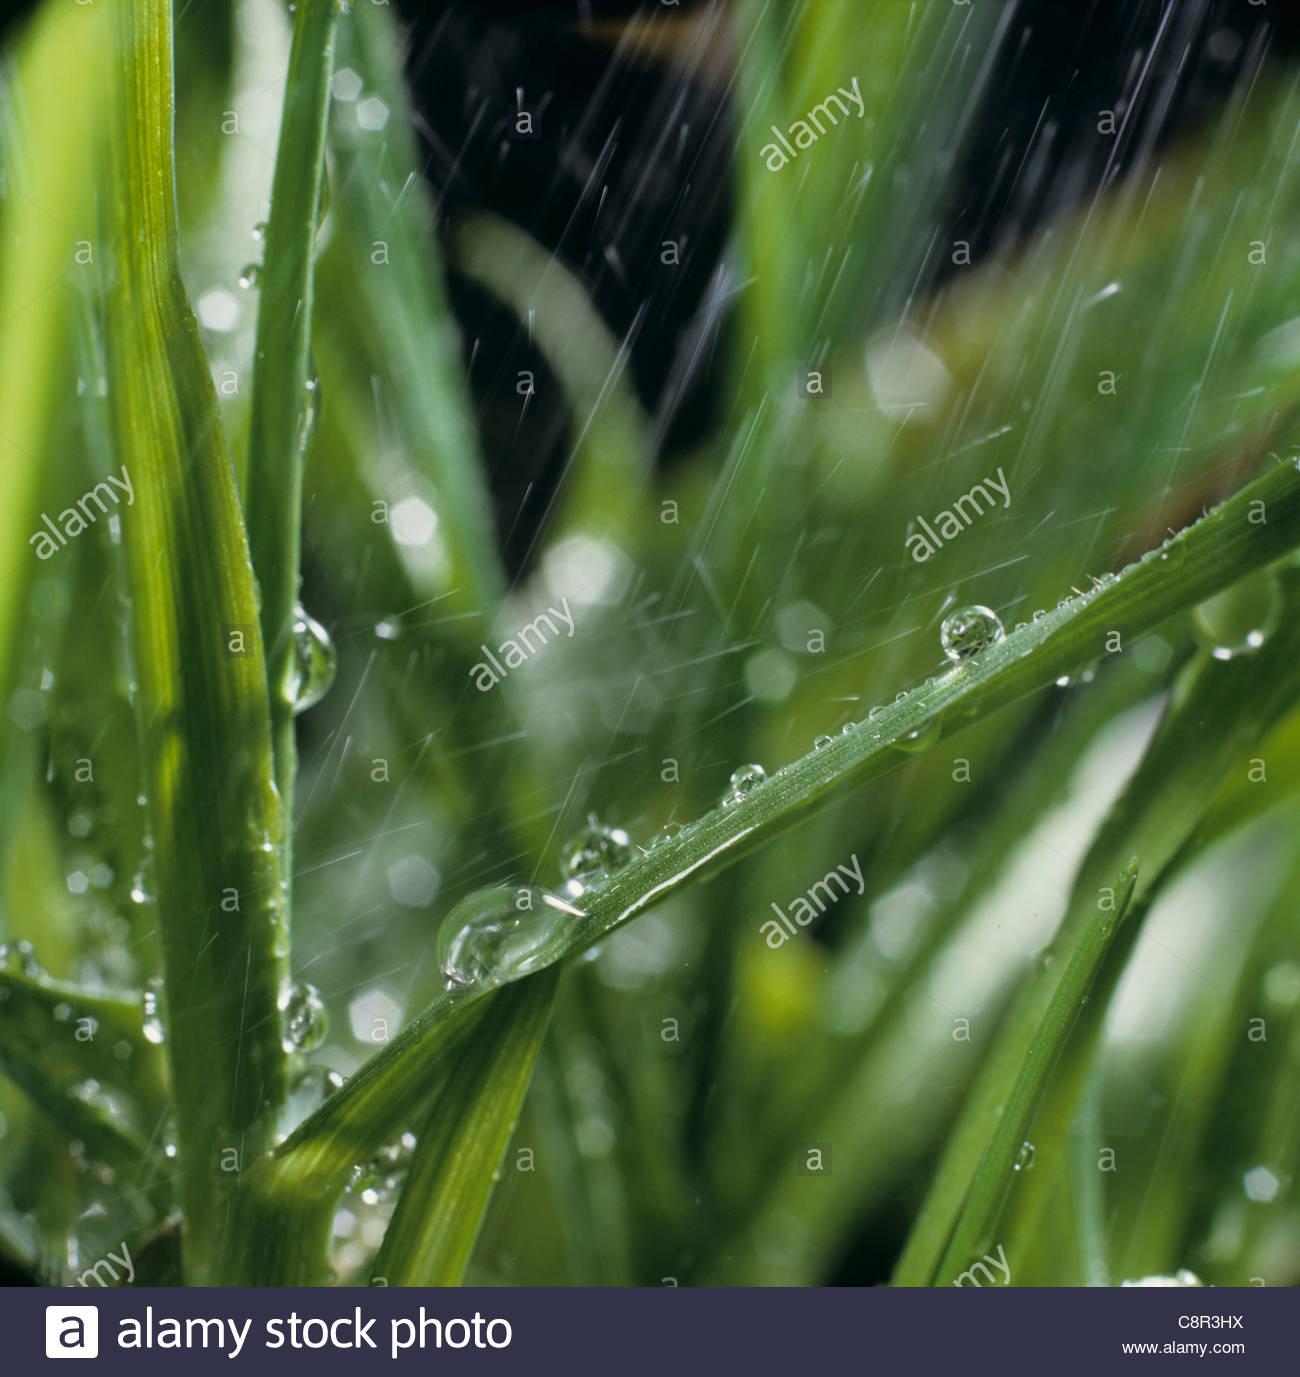 Simulazione di acqua di pioggia caduta su foglie di grano Immagini Stock